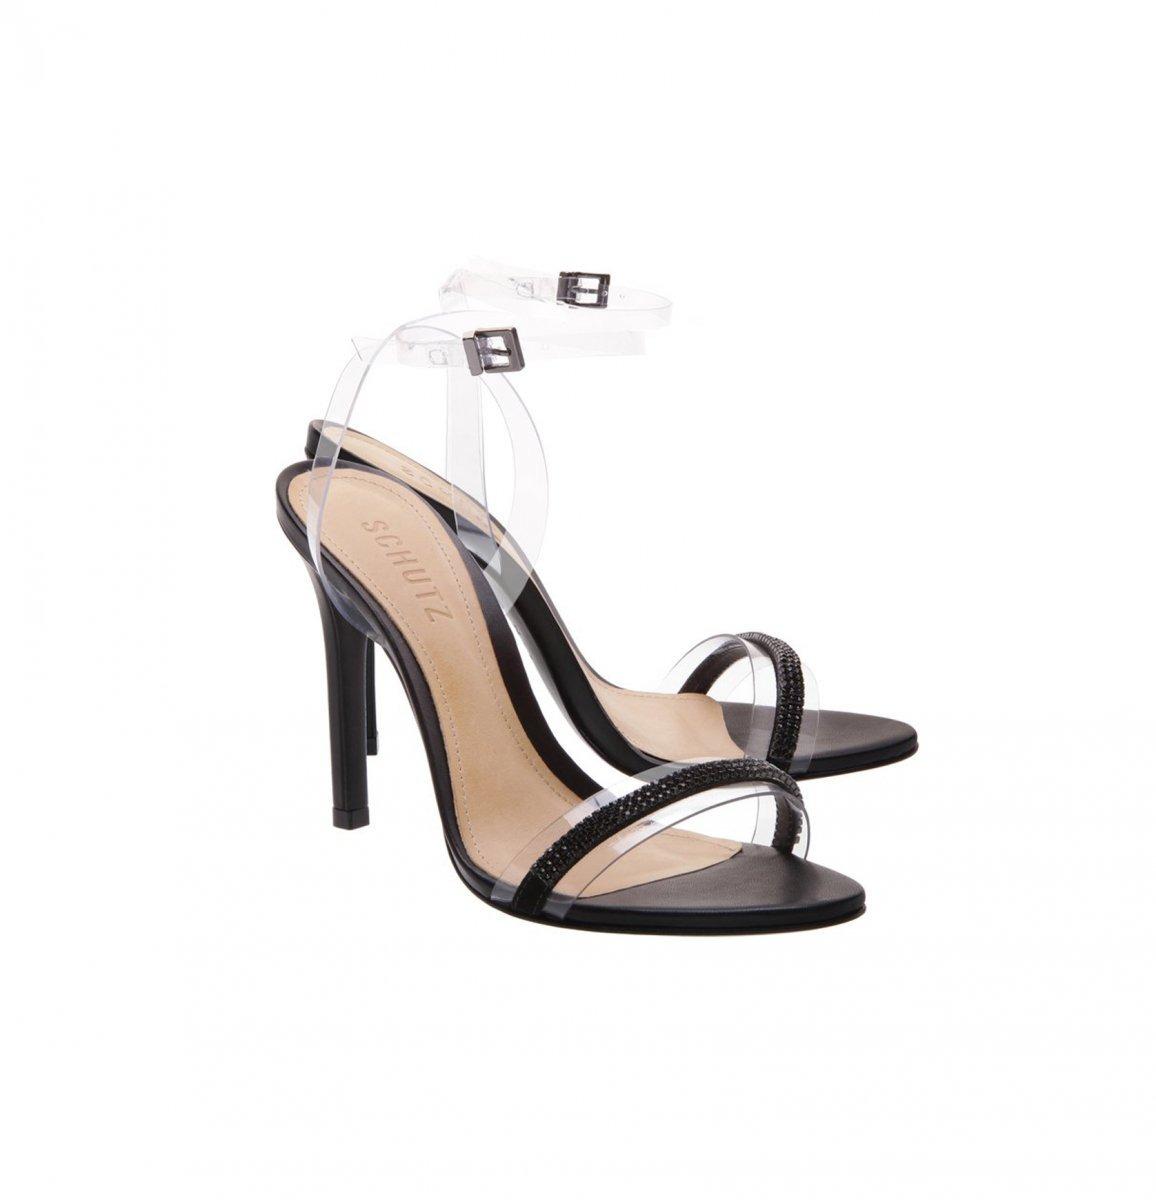 ca8bbf1e2 Sandália Classic Vinil Black Schutz - R$ 390,00 em Mercado Livre